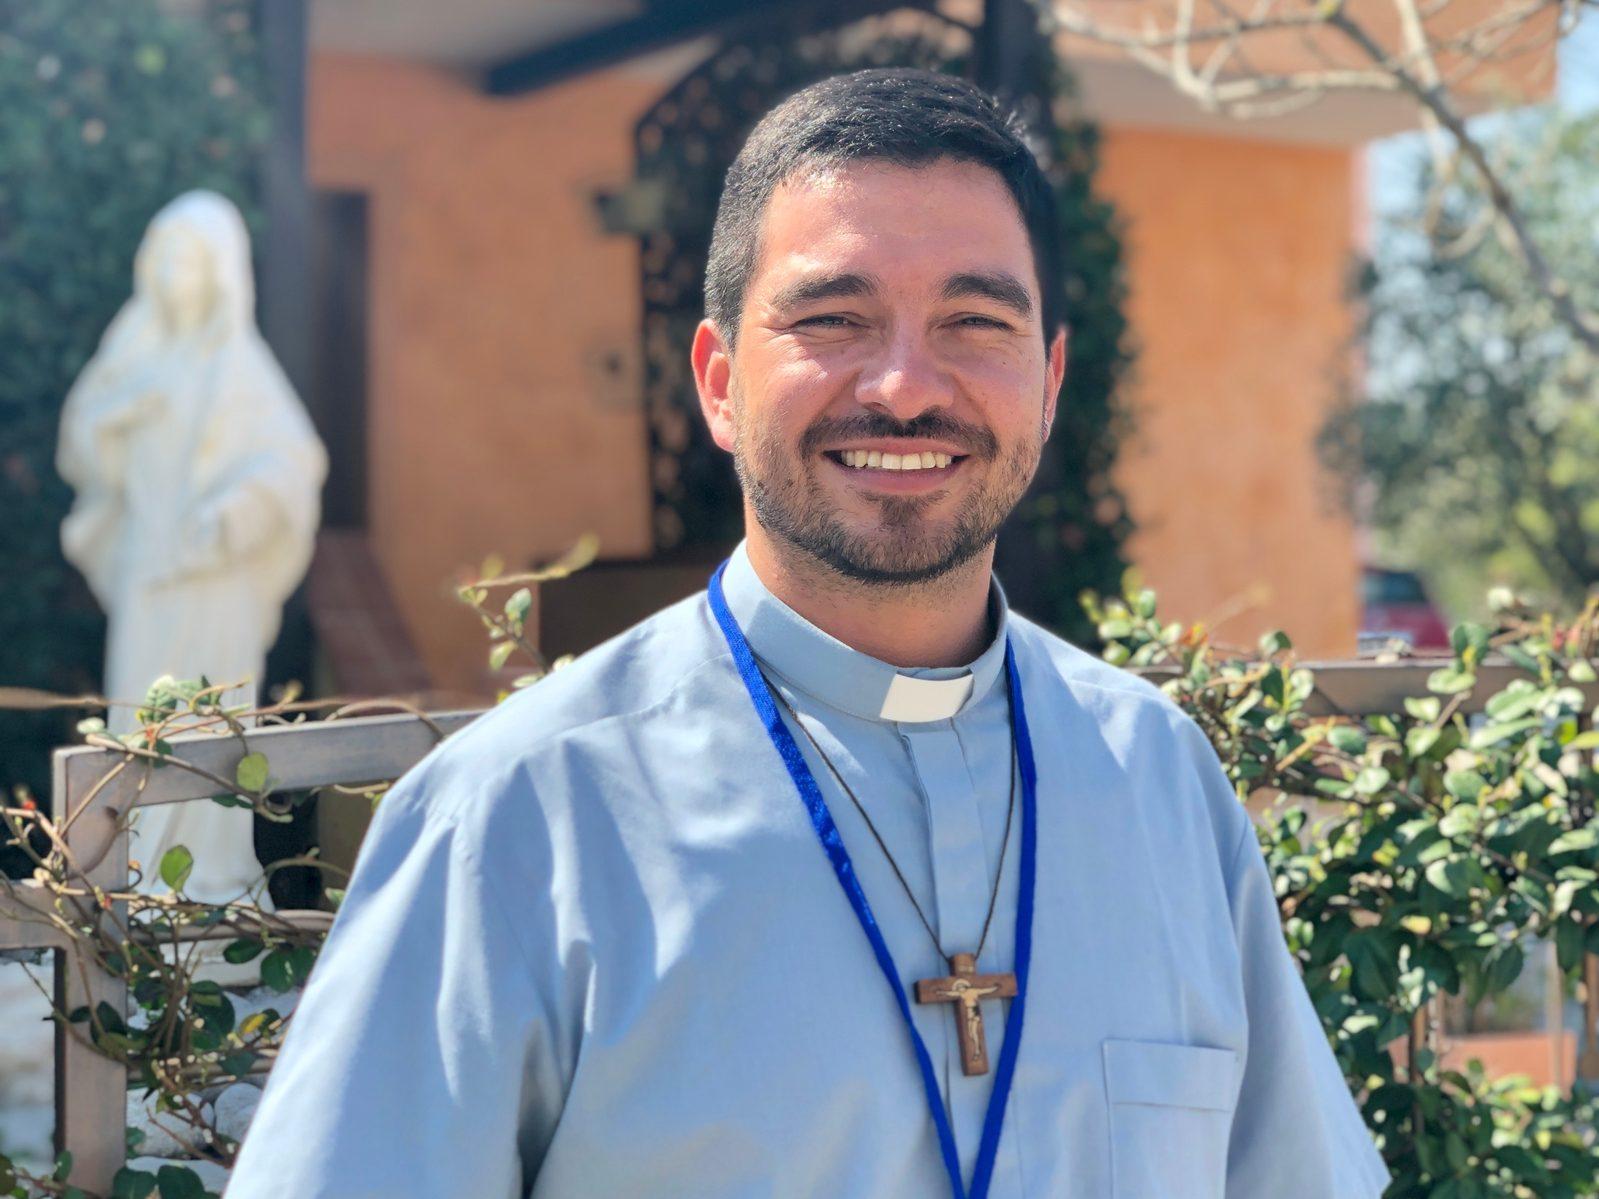 Fr Diego in Medjugorje